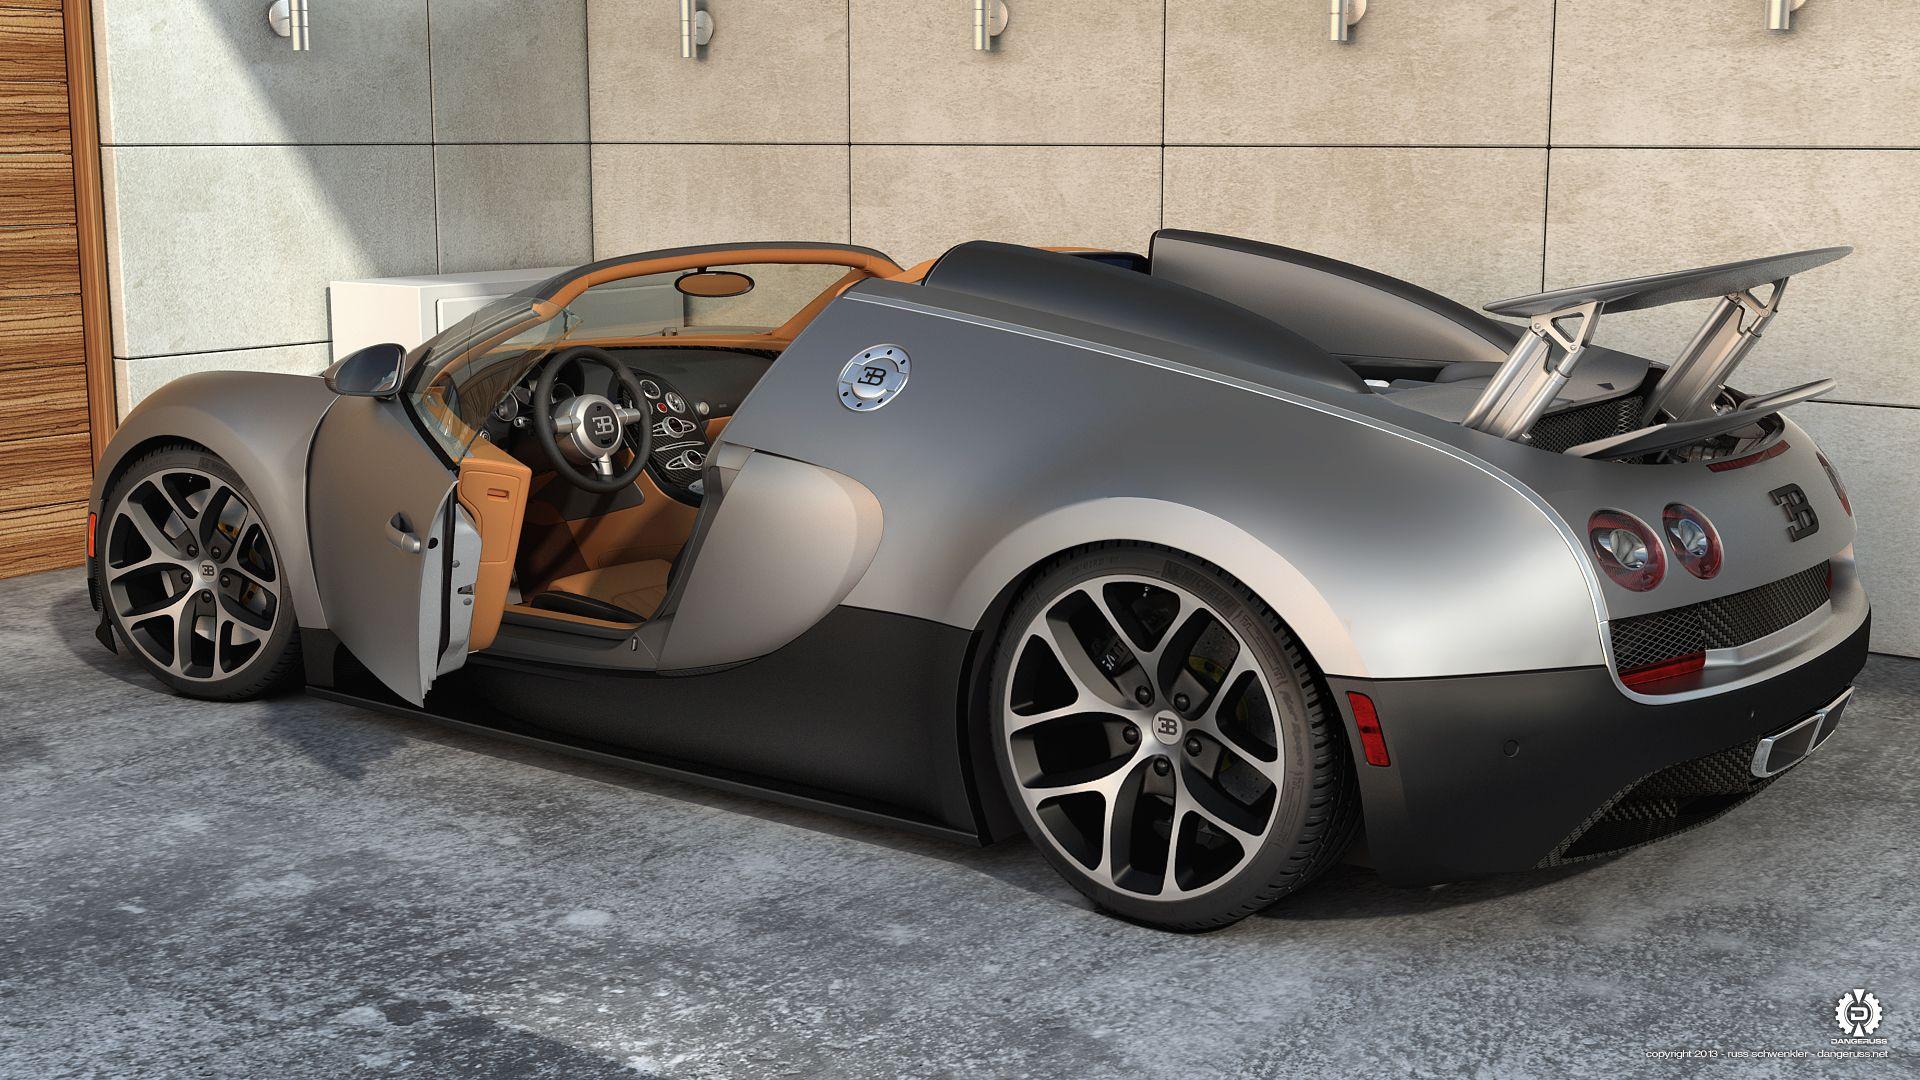 Bugatti Veyron Bugatti Veyron Grand Sport Vitesse Close Up By